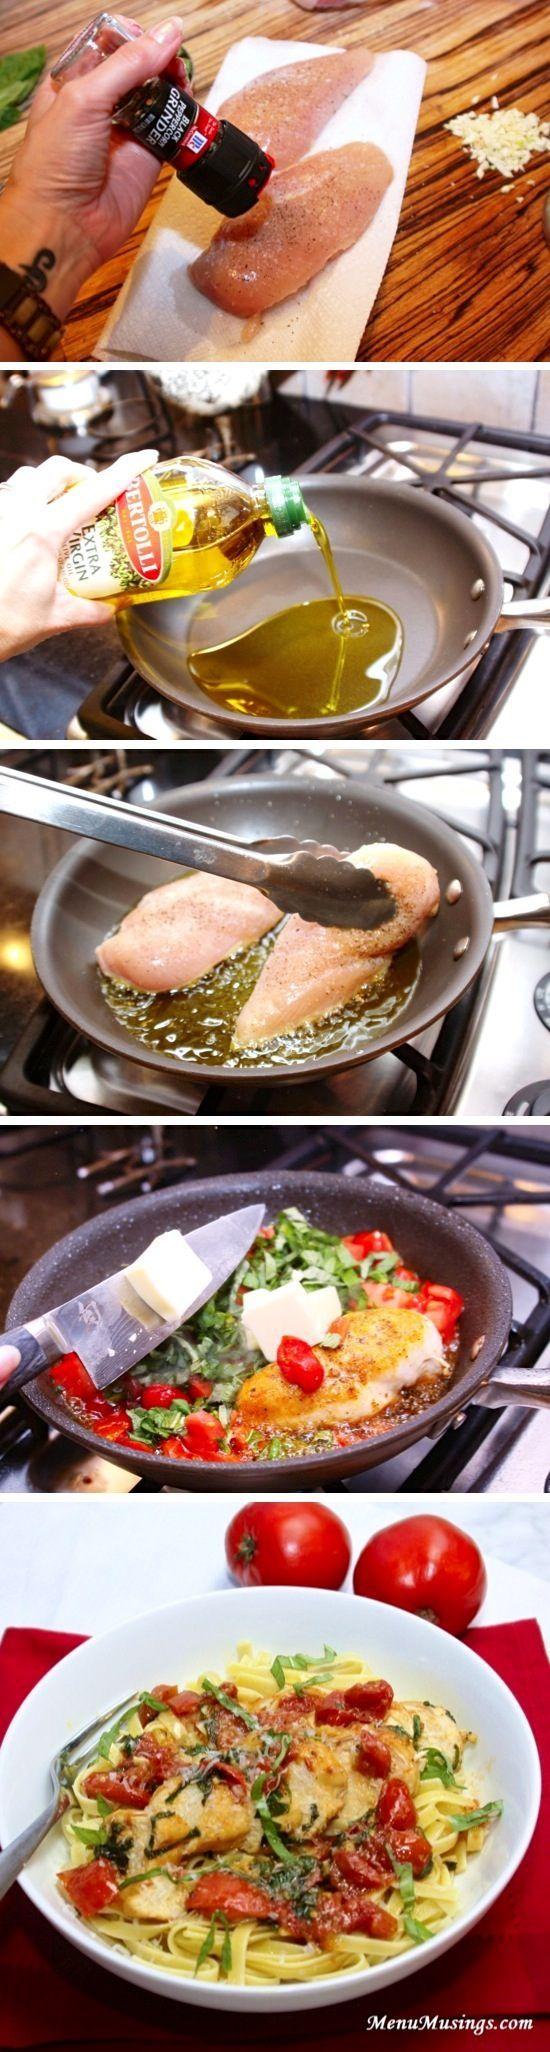 Tomato Basil Chicken  by menumusings via recipebyphoto: http://menumusings.blogspot.com/2013/04/tomato-basil-chicken.html #Chicken #Tomato #Basil #Easy